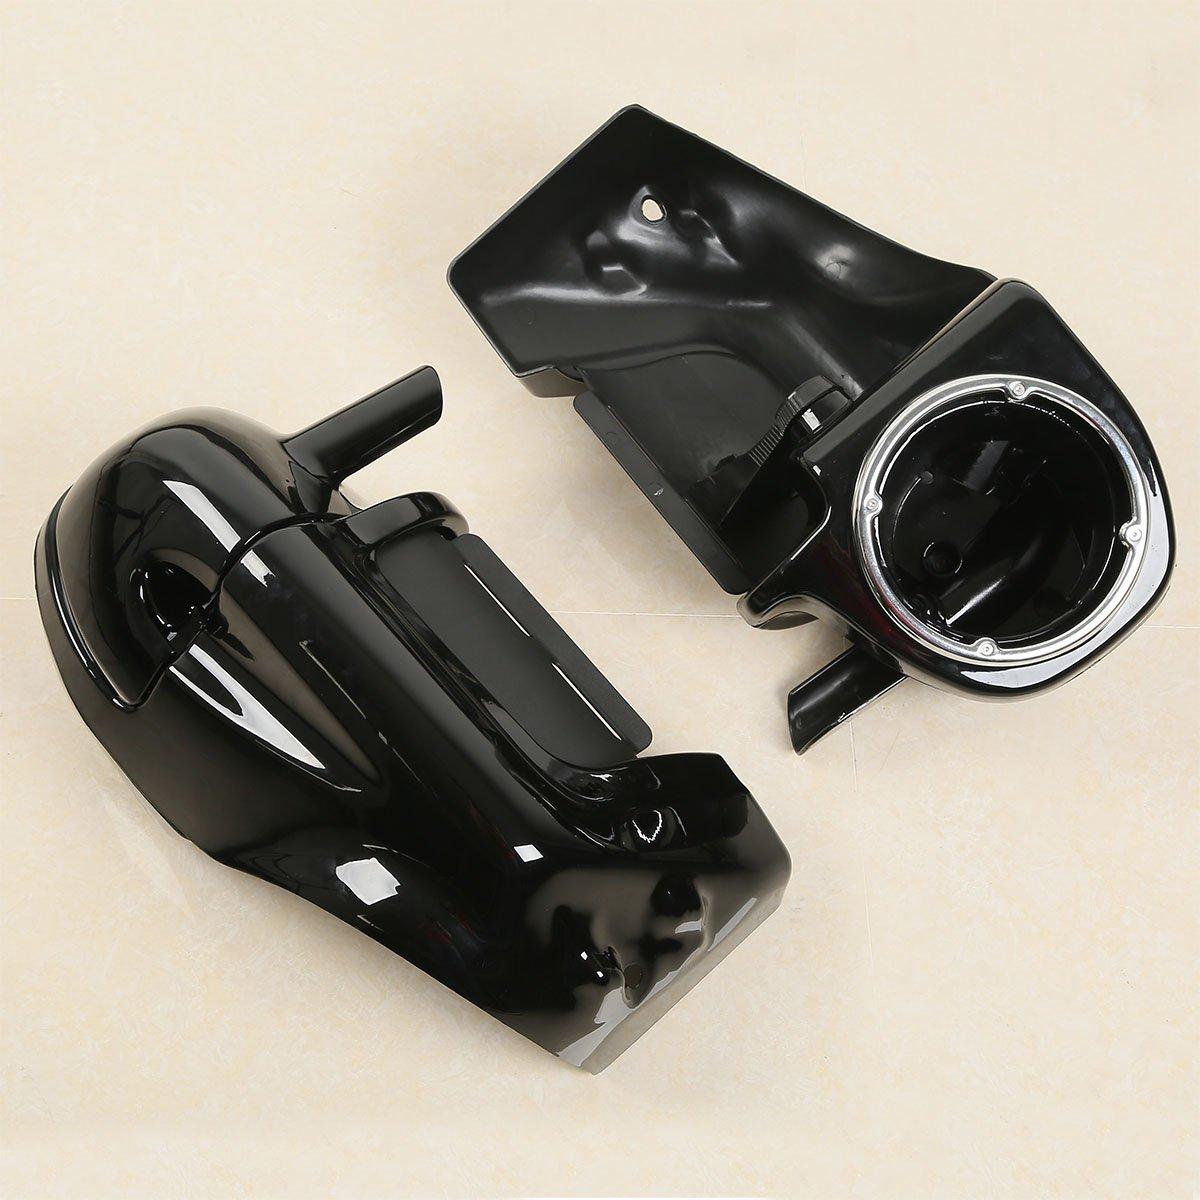 XFMT Speaker Box Pods Lower Vented Fairings Set For Harley Touring Models 1983-2013